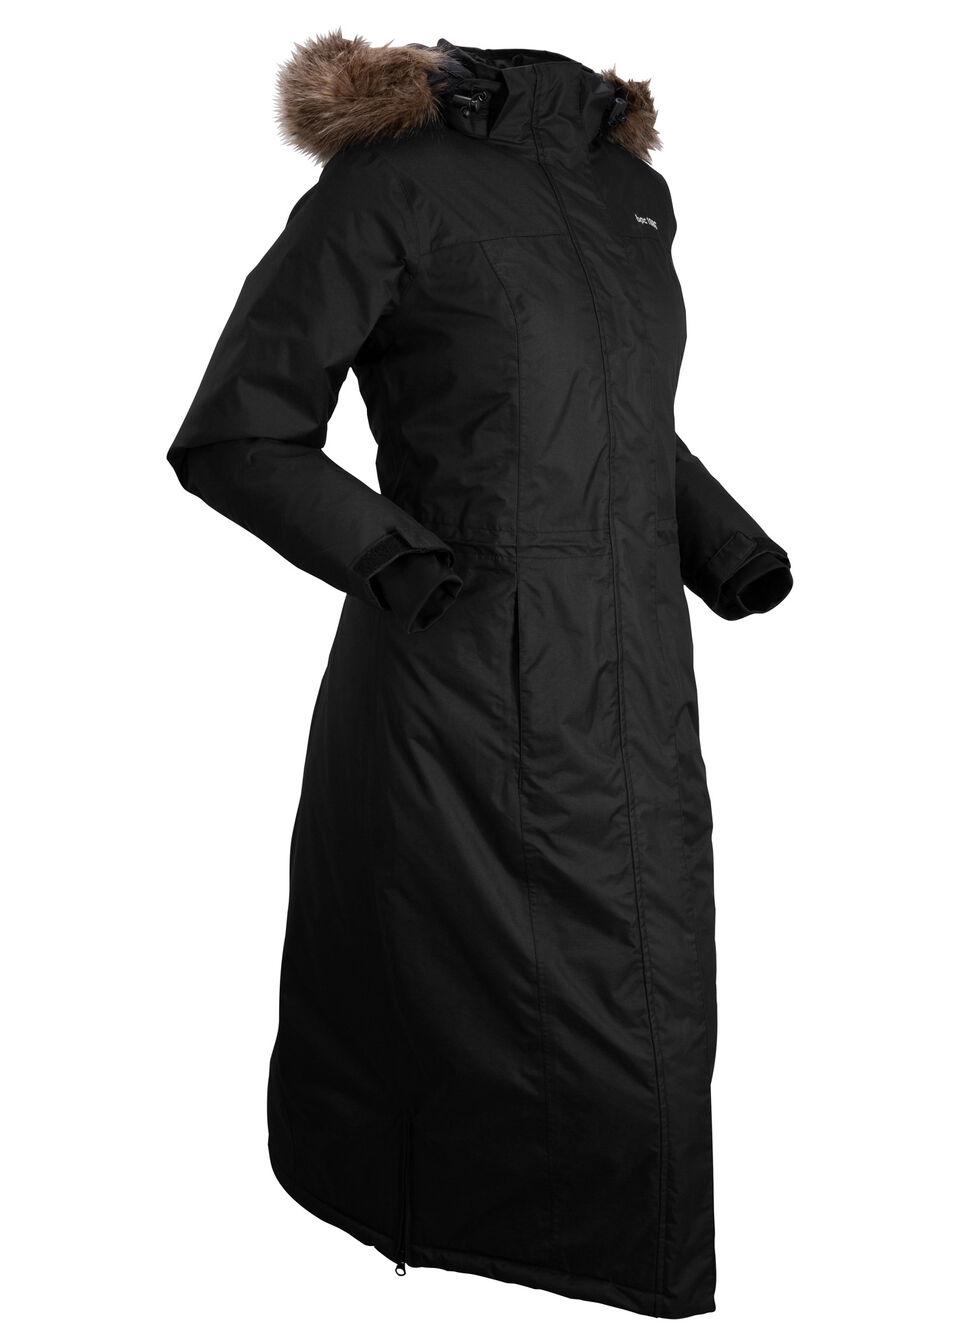 Купить Куртки и плащи, Пальто с мехом для активного отдыха, bonprix, черный